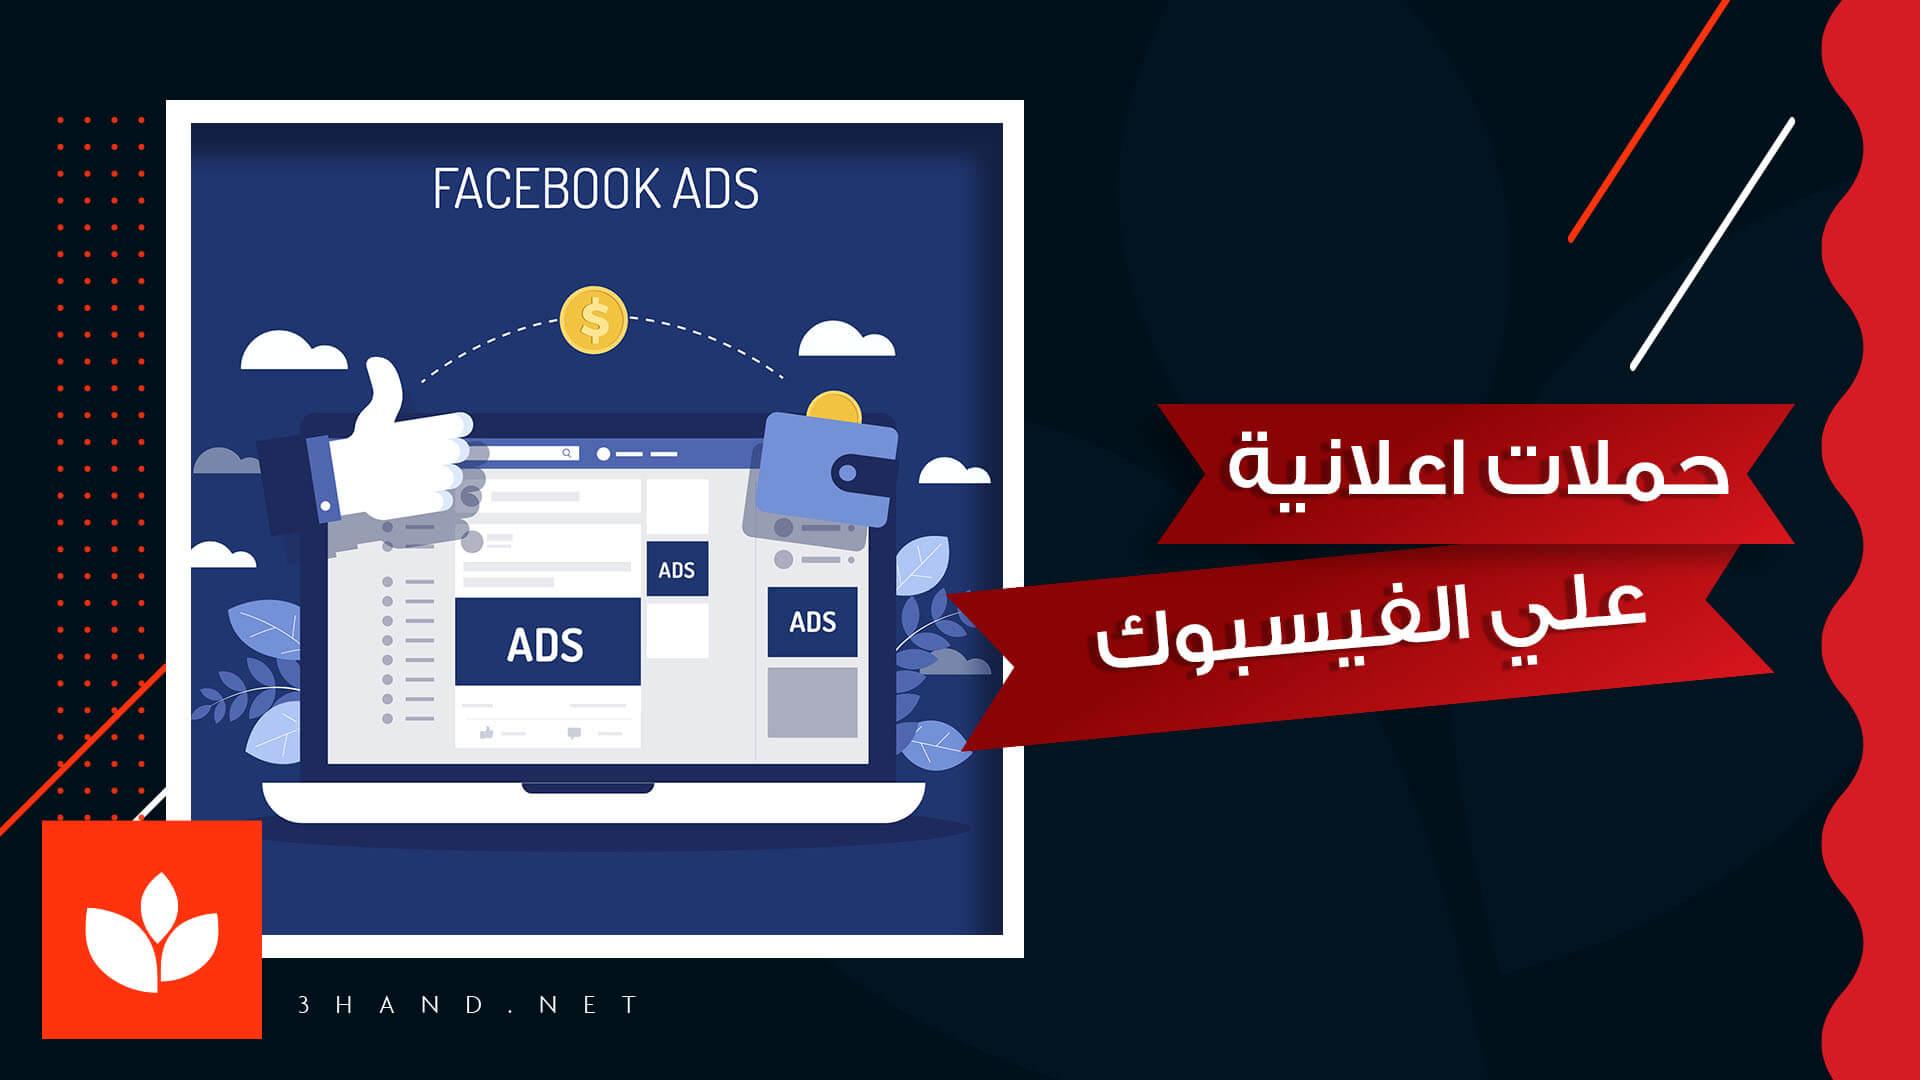 حملات اعلانيه في الفيس بوك